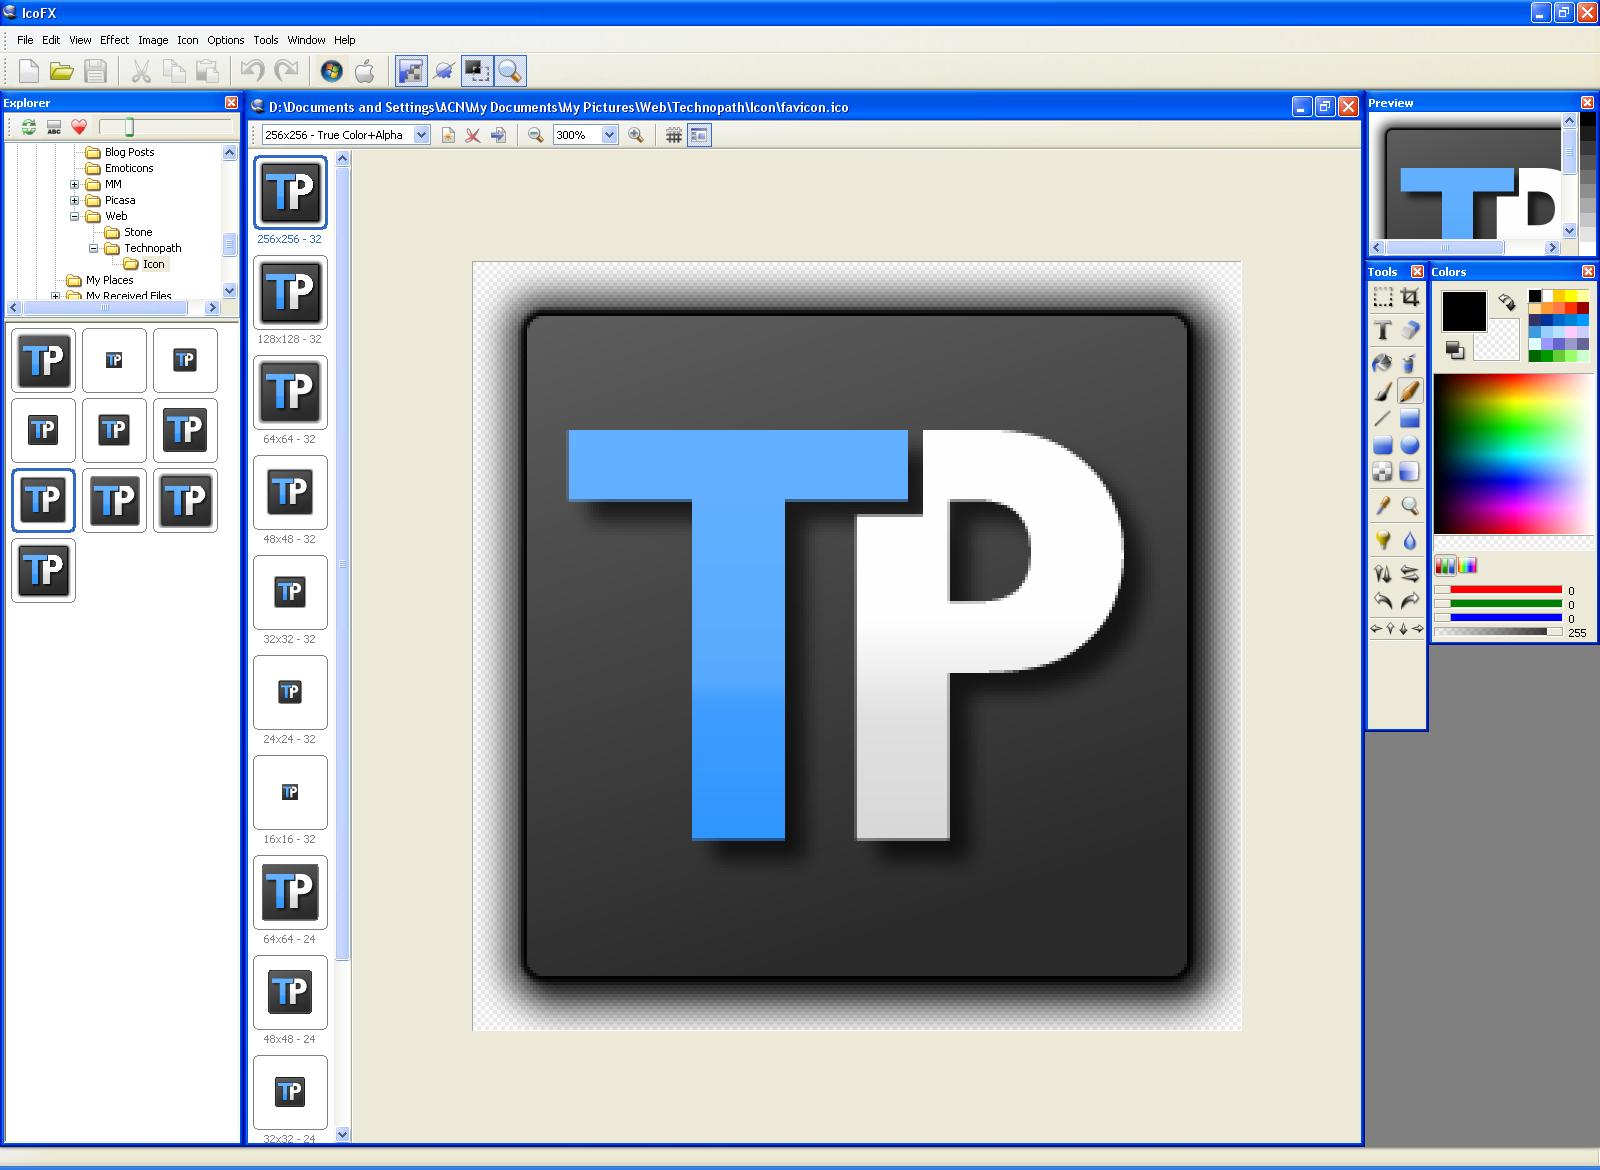 Скачать icon editor, бесплатные фото, обои ...: pictures11.ru/skachat-icon-editor.html